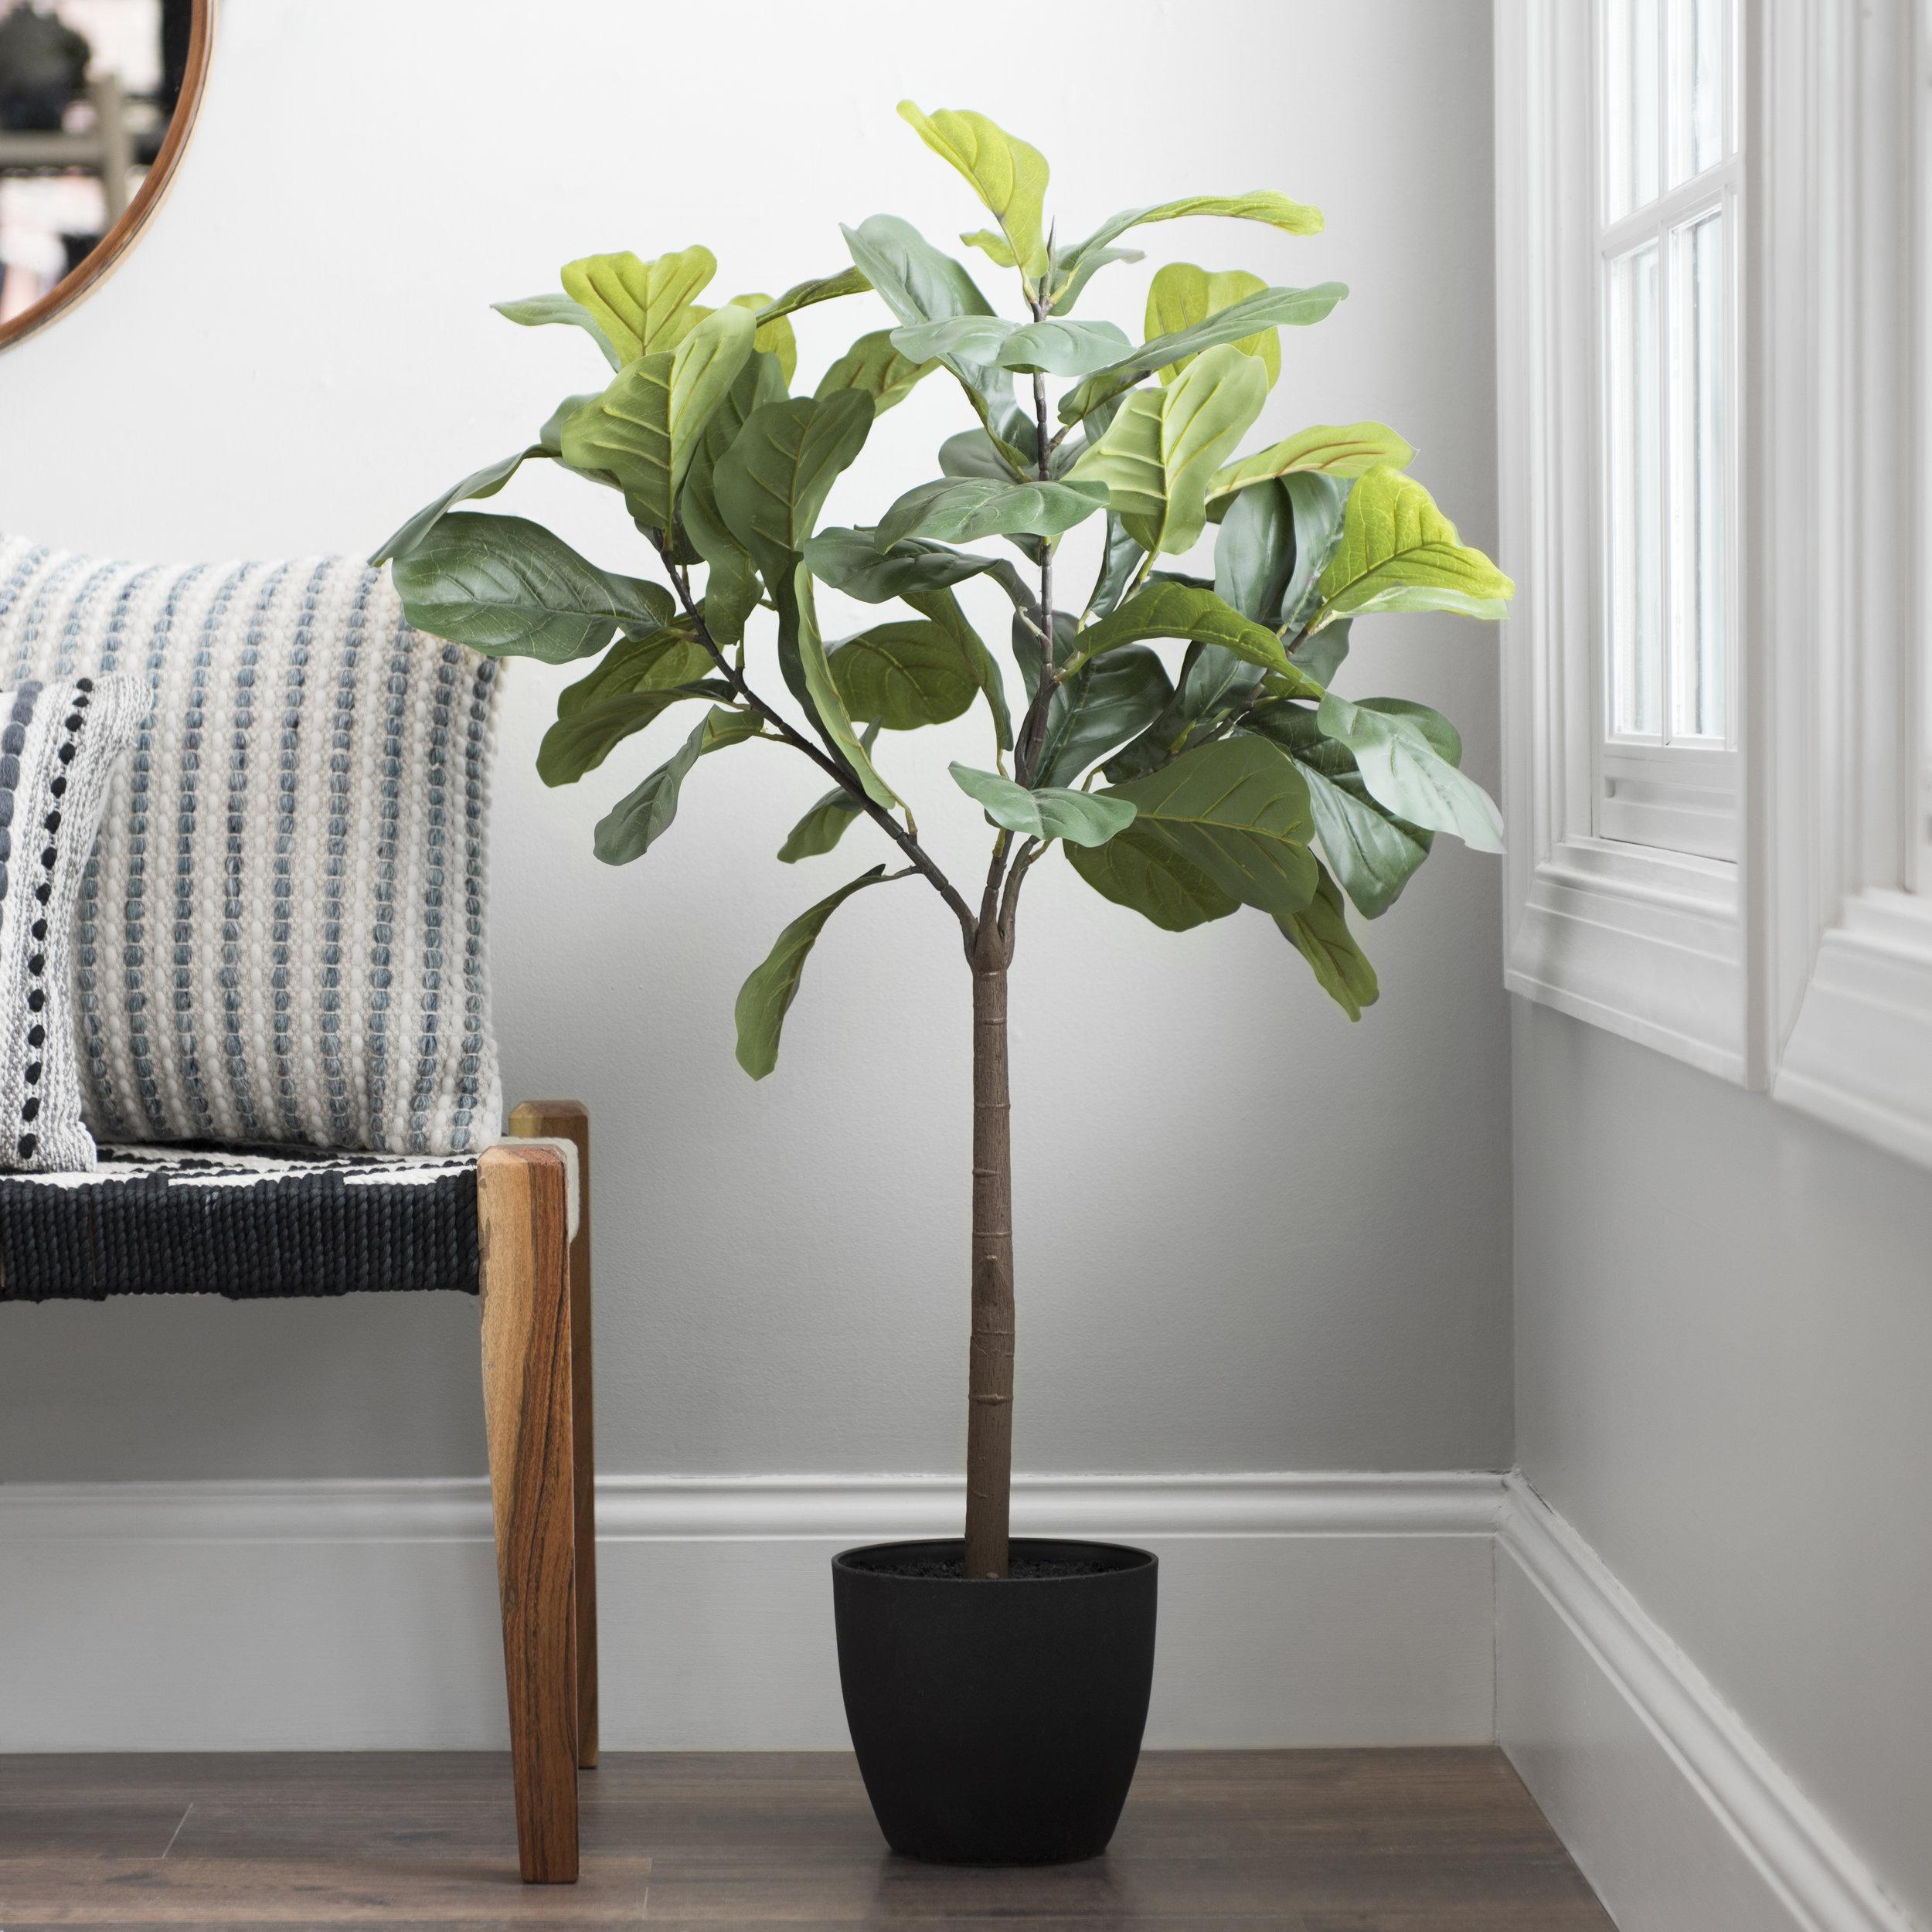 Kirkland's - Fiddle Leaf Fig Tree